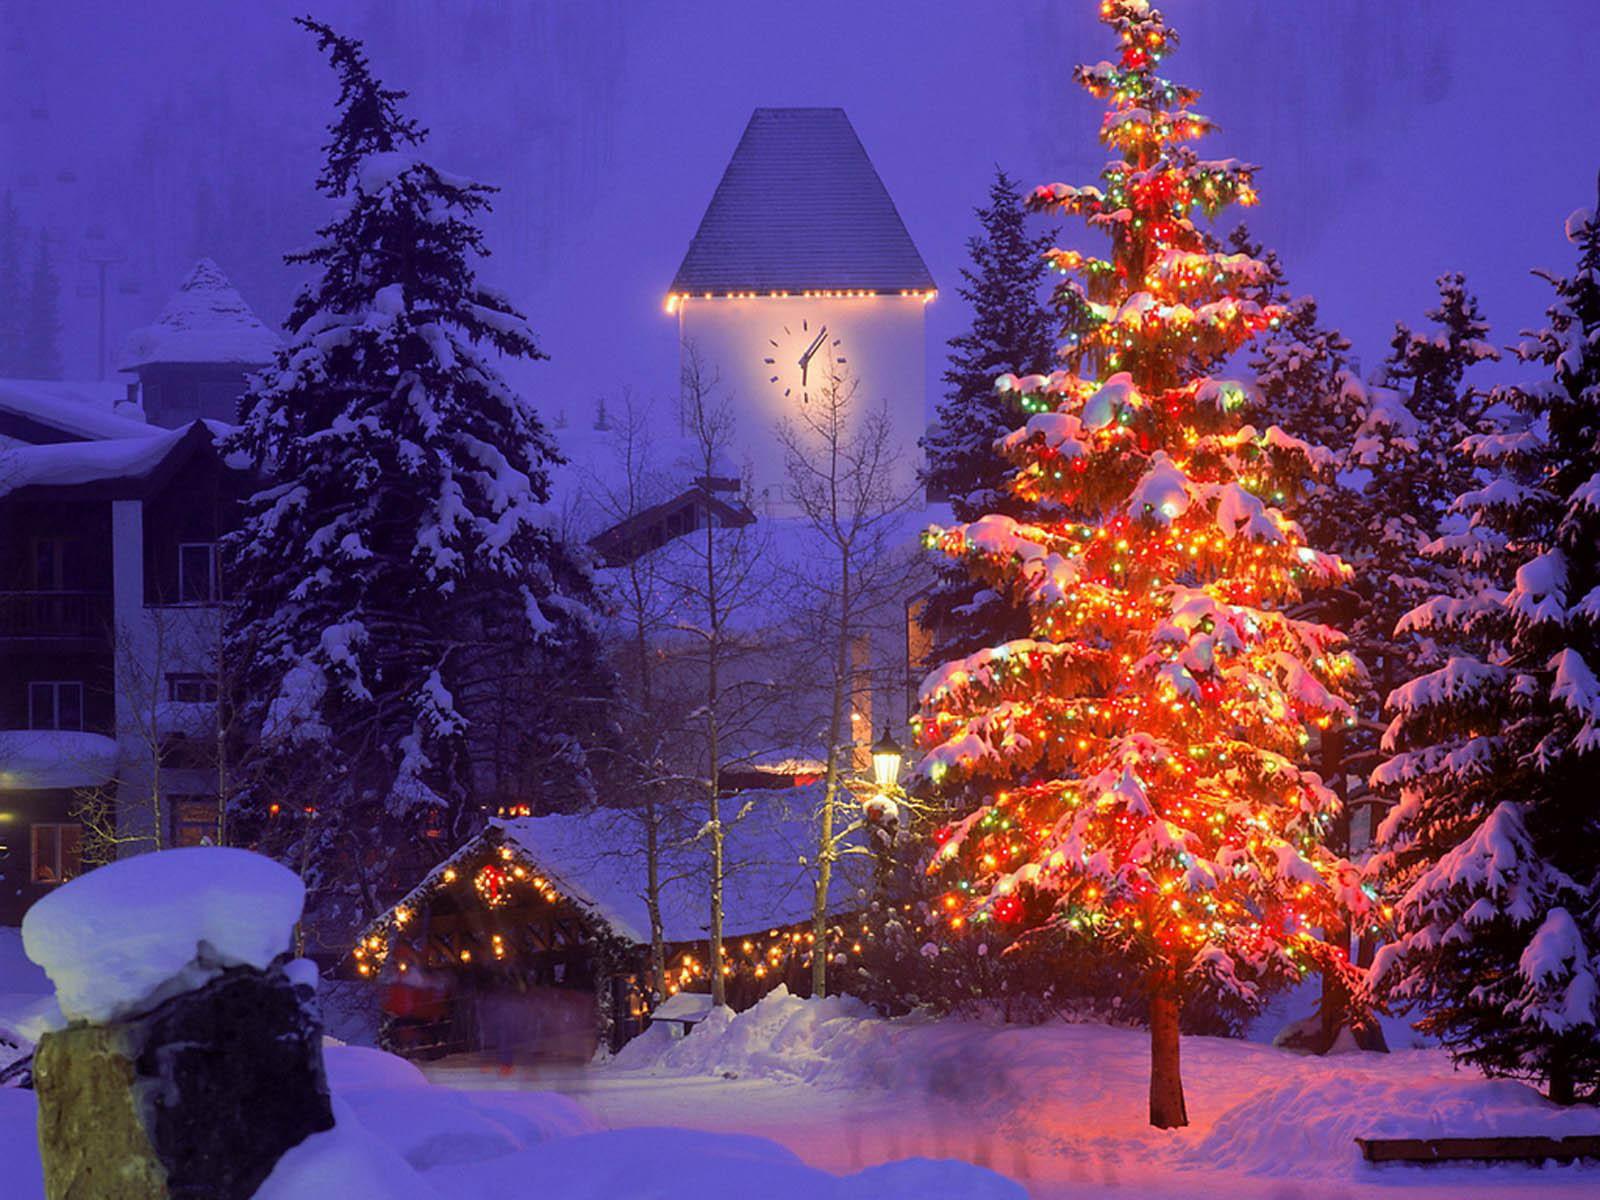 зима рождество картинки на телефон высоко ценится